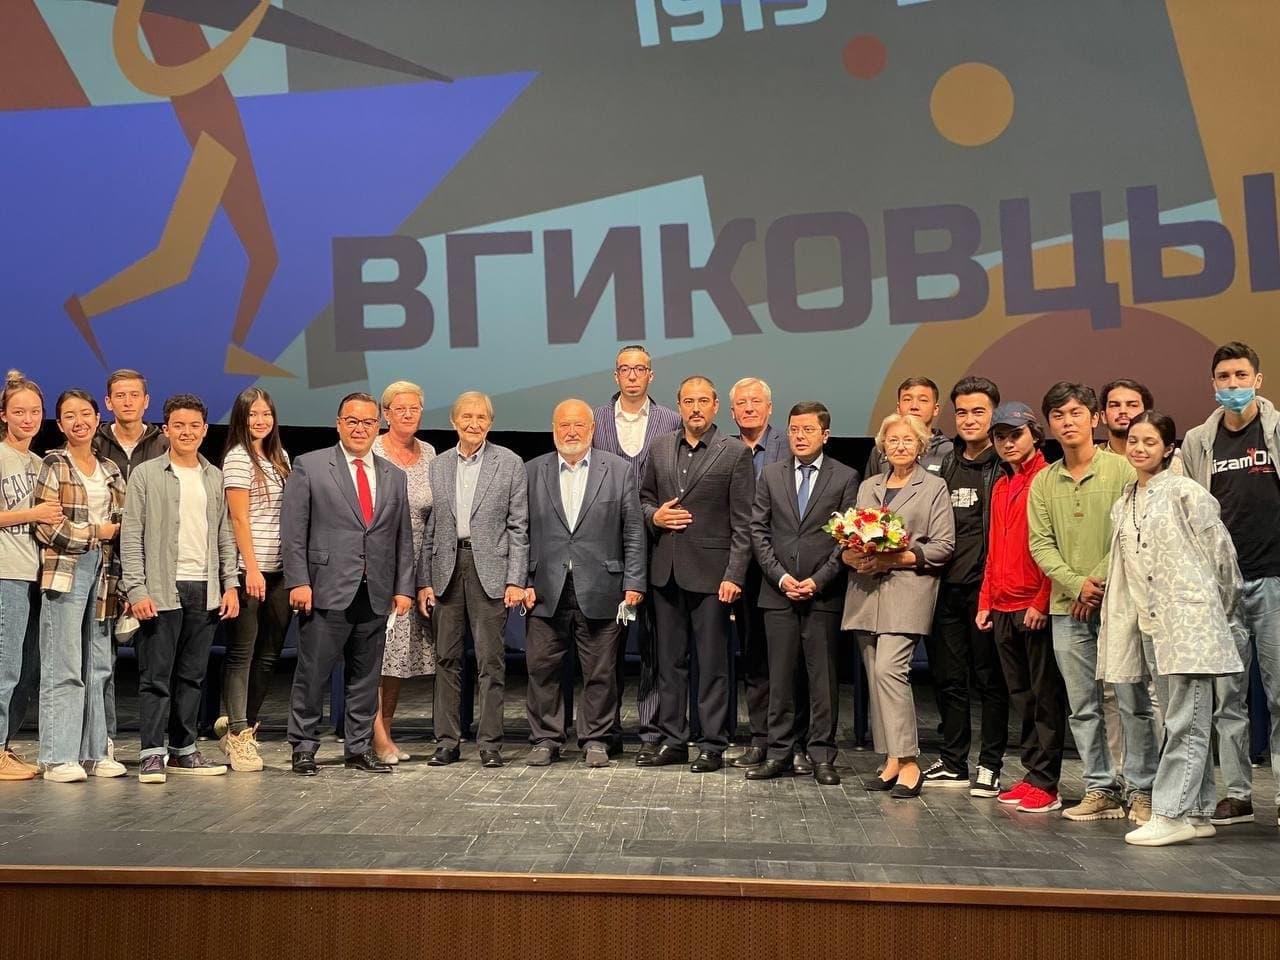 Ташкентский филиал ВГИК откроется в Узбекистане